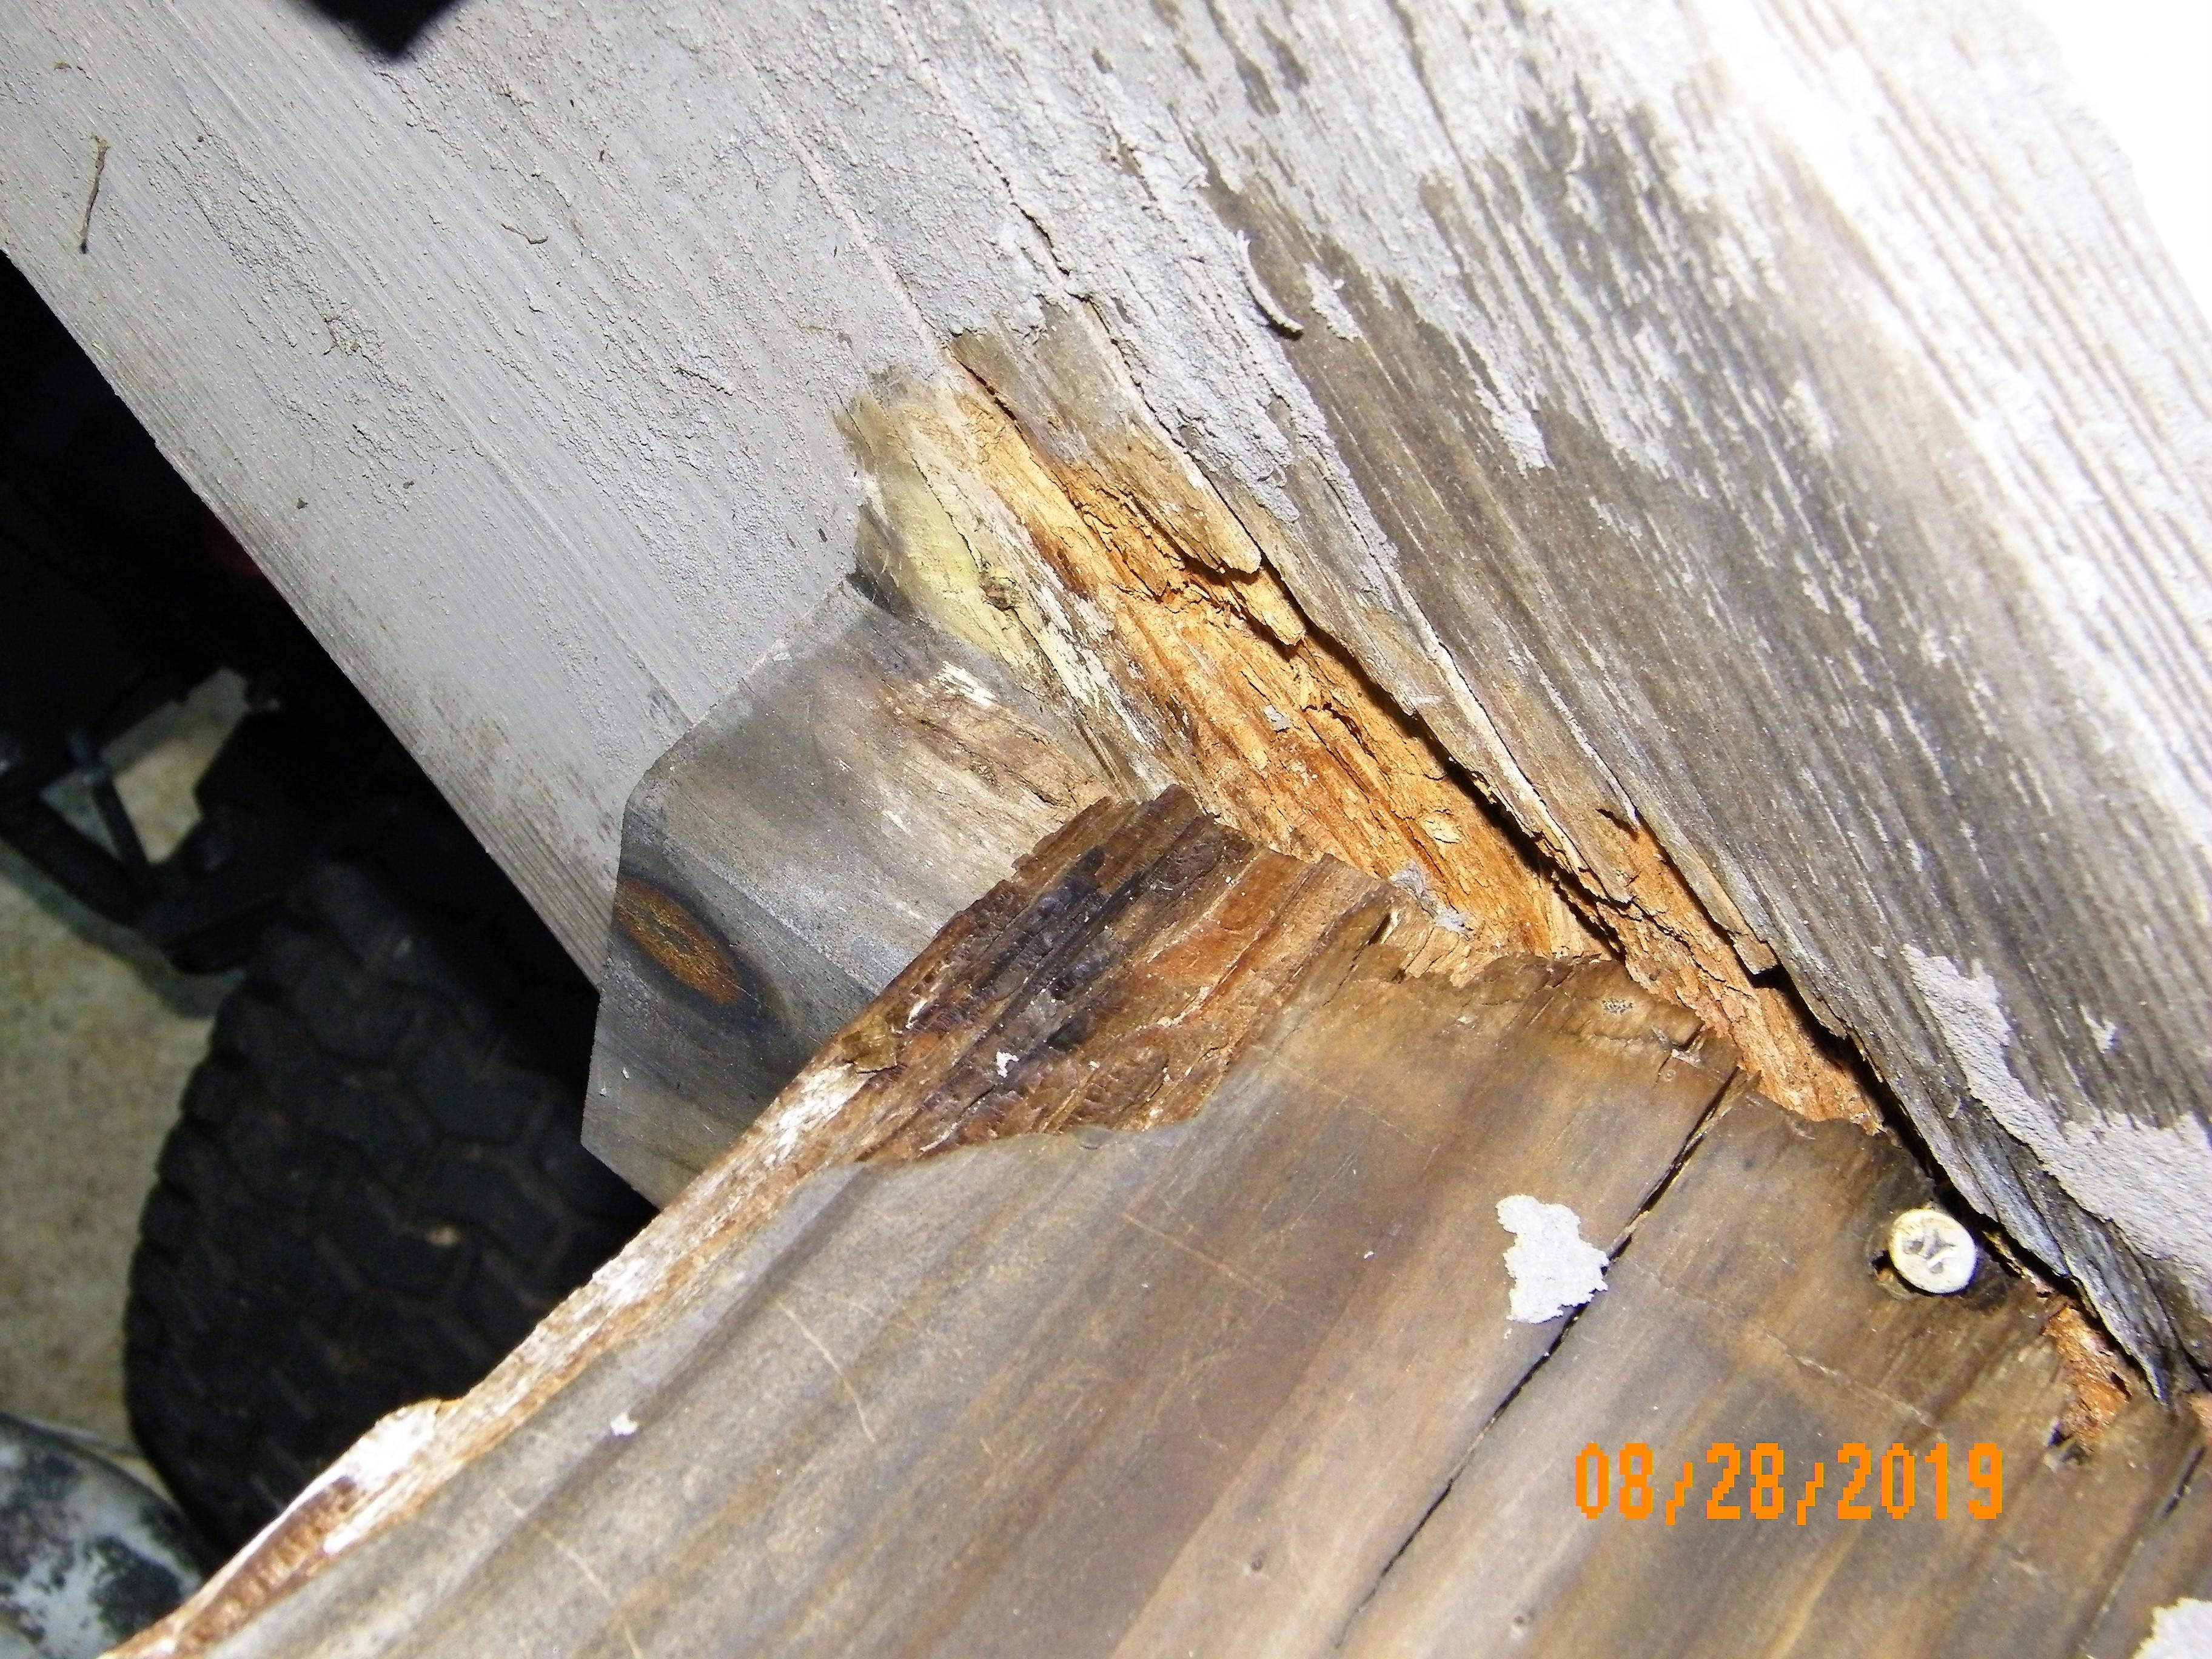 Class Action Lawsuit against Rust-Oleum Deck Restore | Best